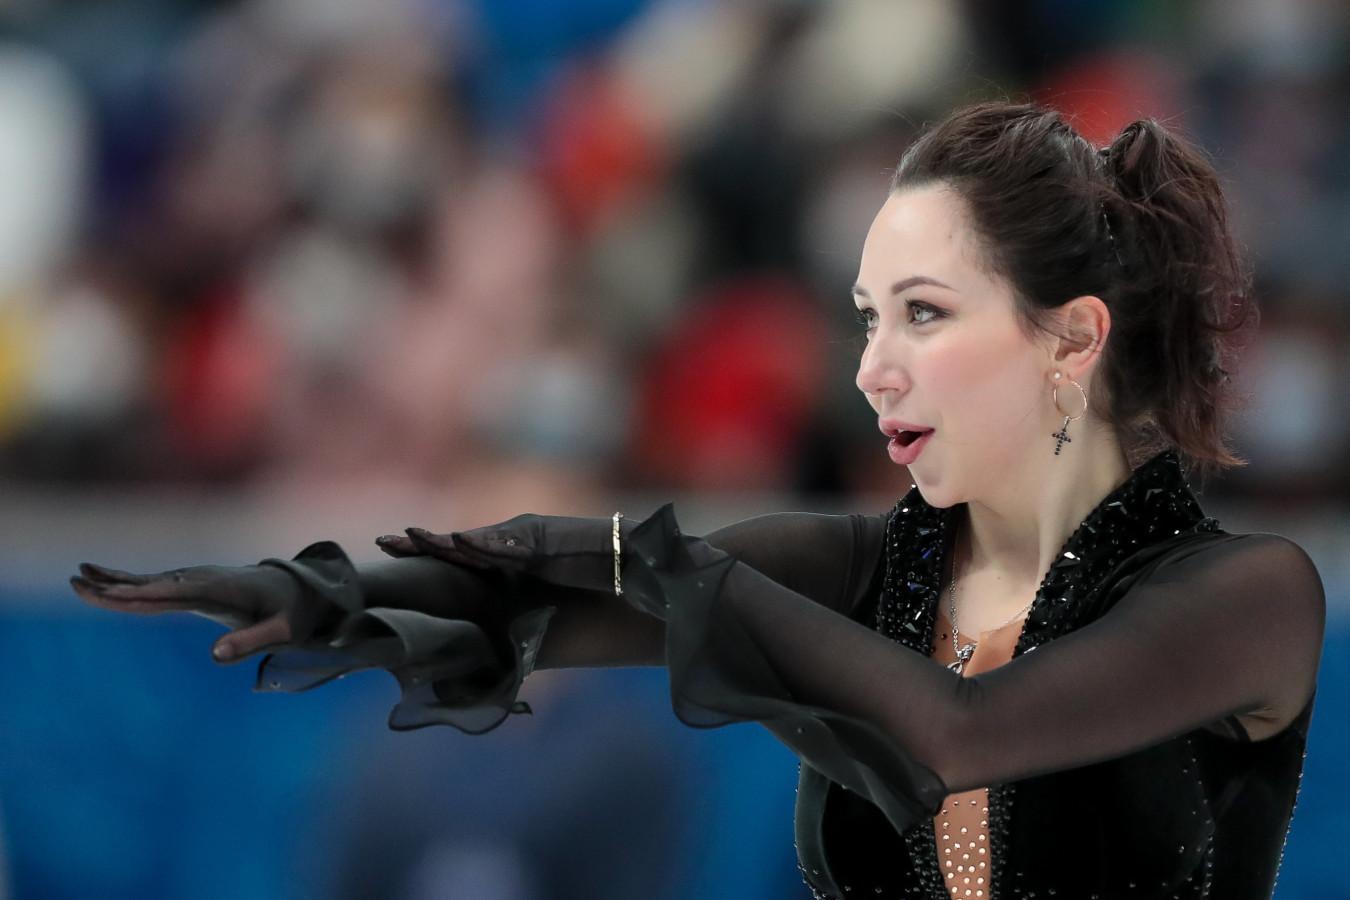 Елизавета Туктамышева чисто исполнила тройной аксель в короткой программе на ЧМ